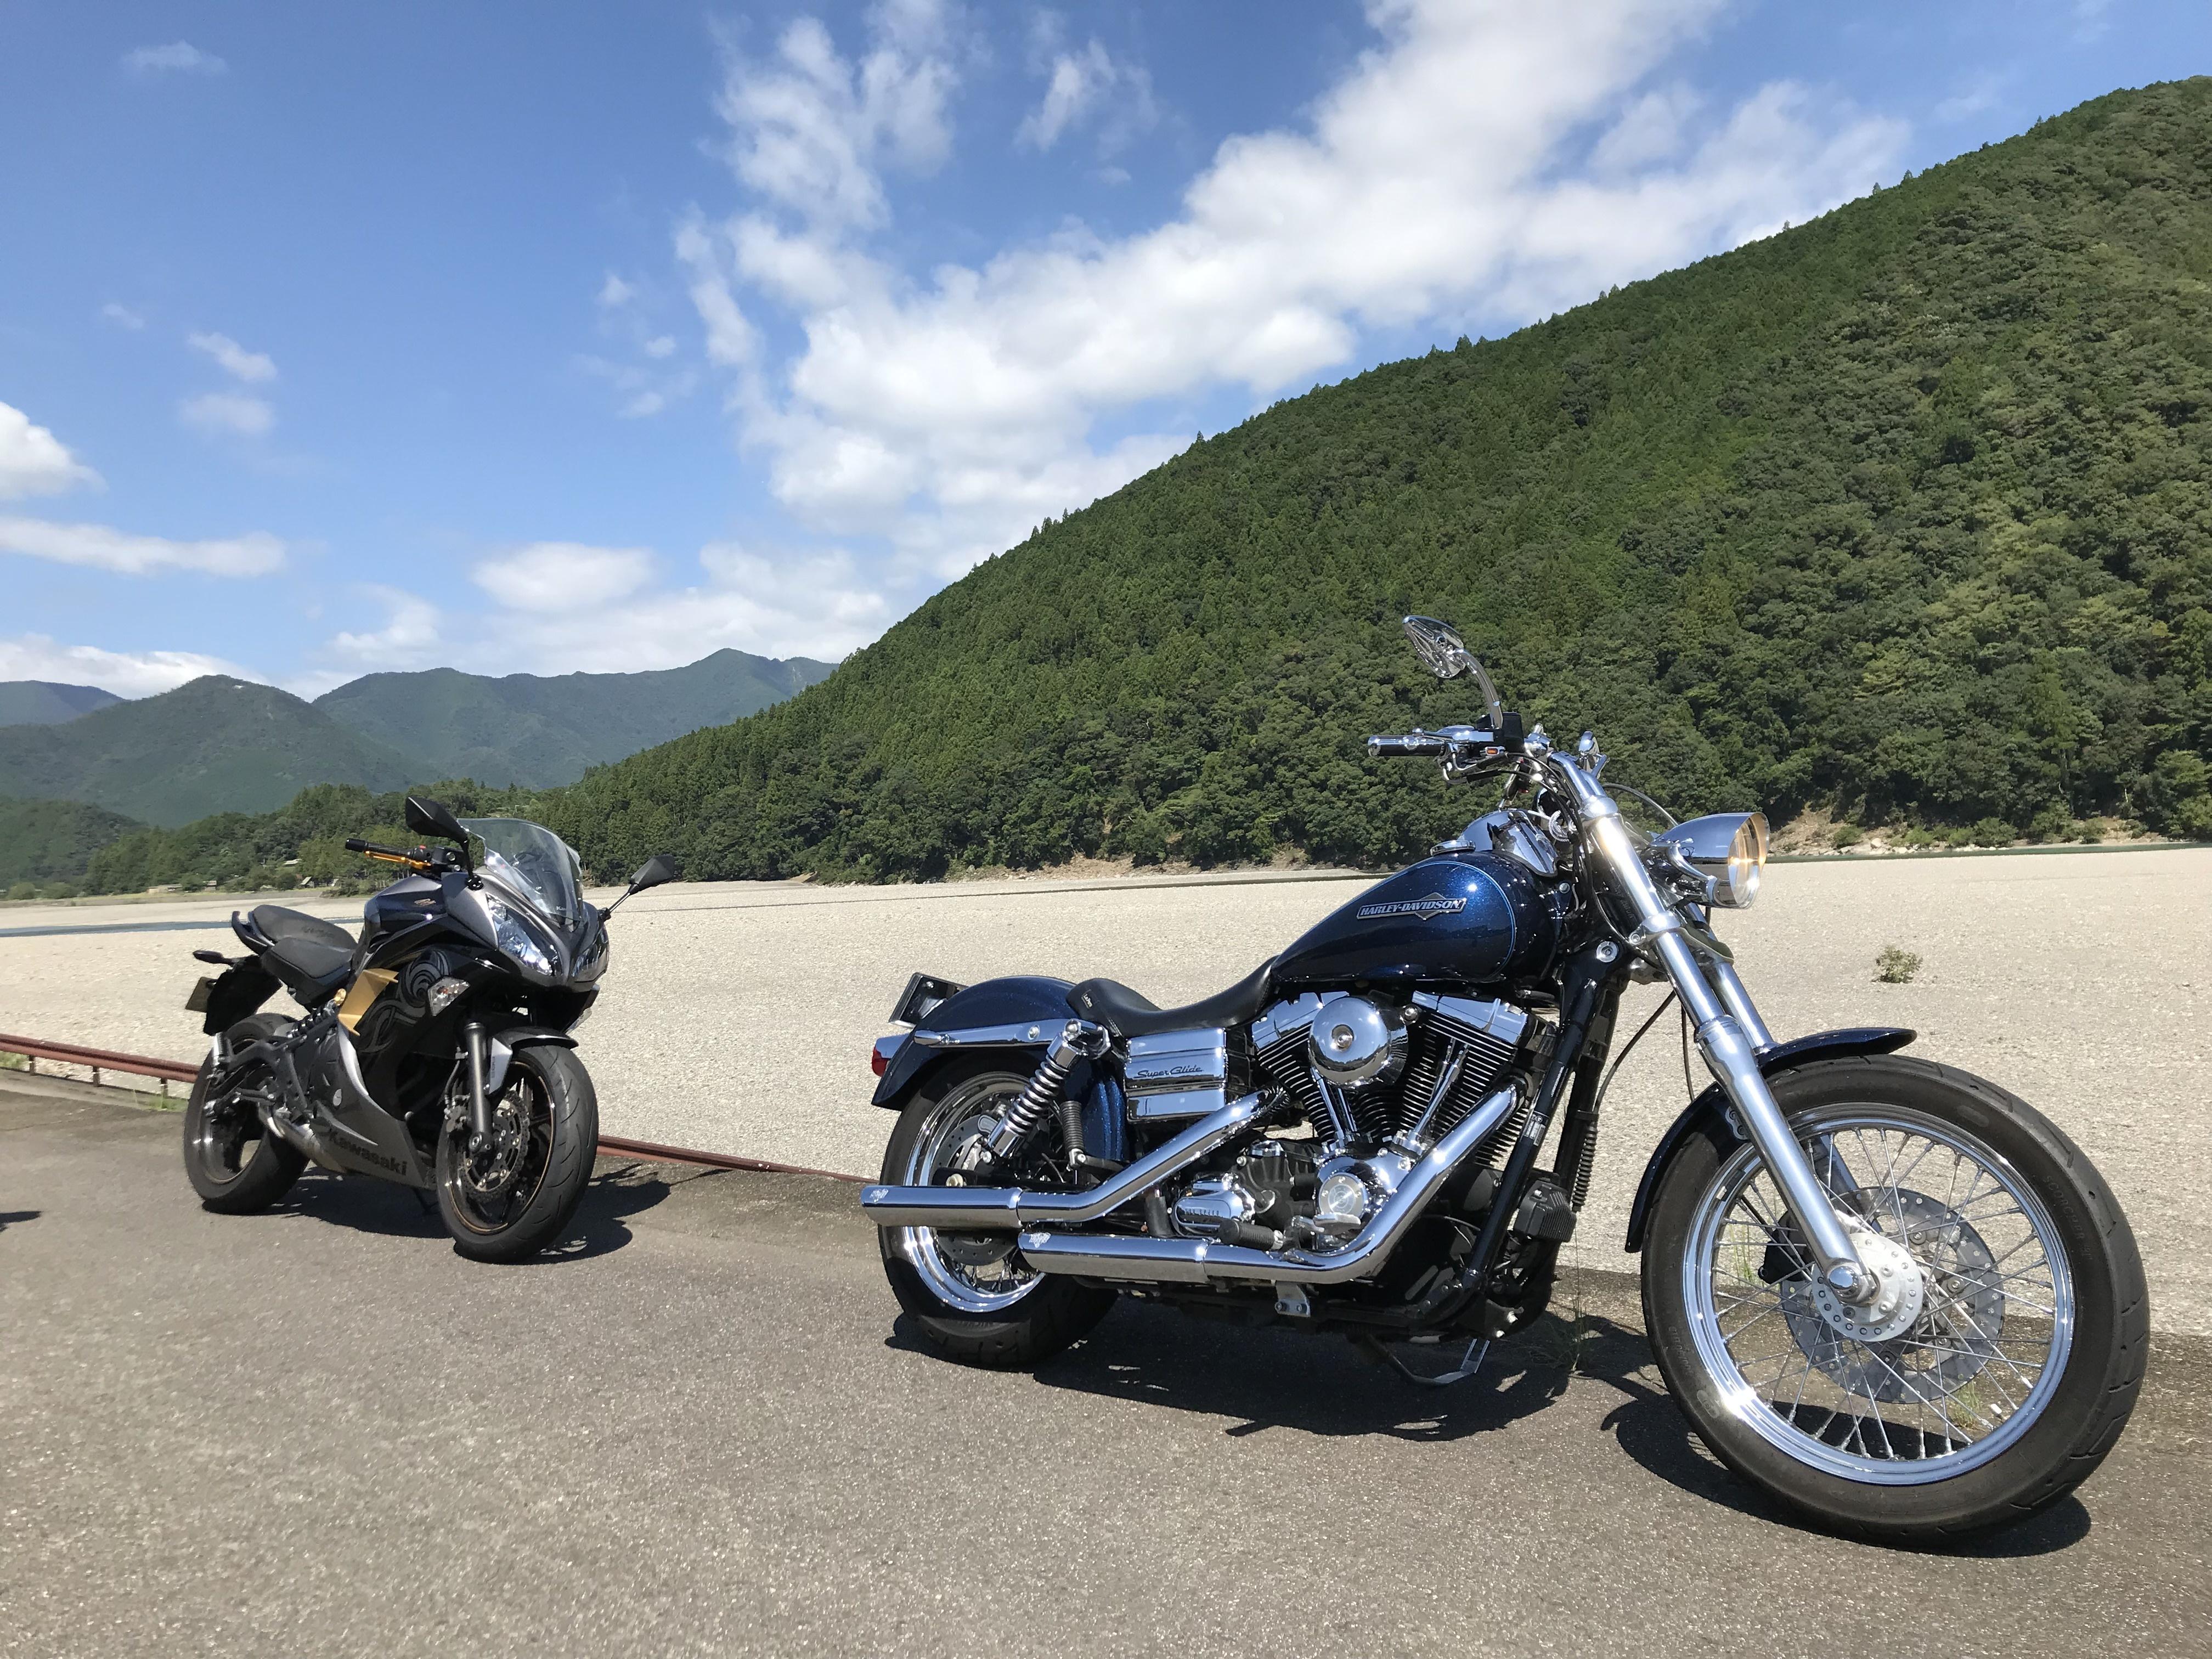 ぴーきち&ダイナ ハーレー で行く 十津川村 ツーリング 熊野